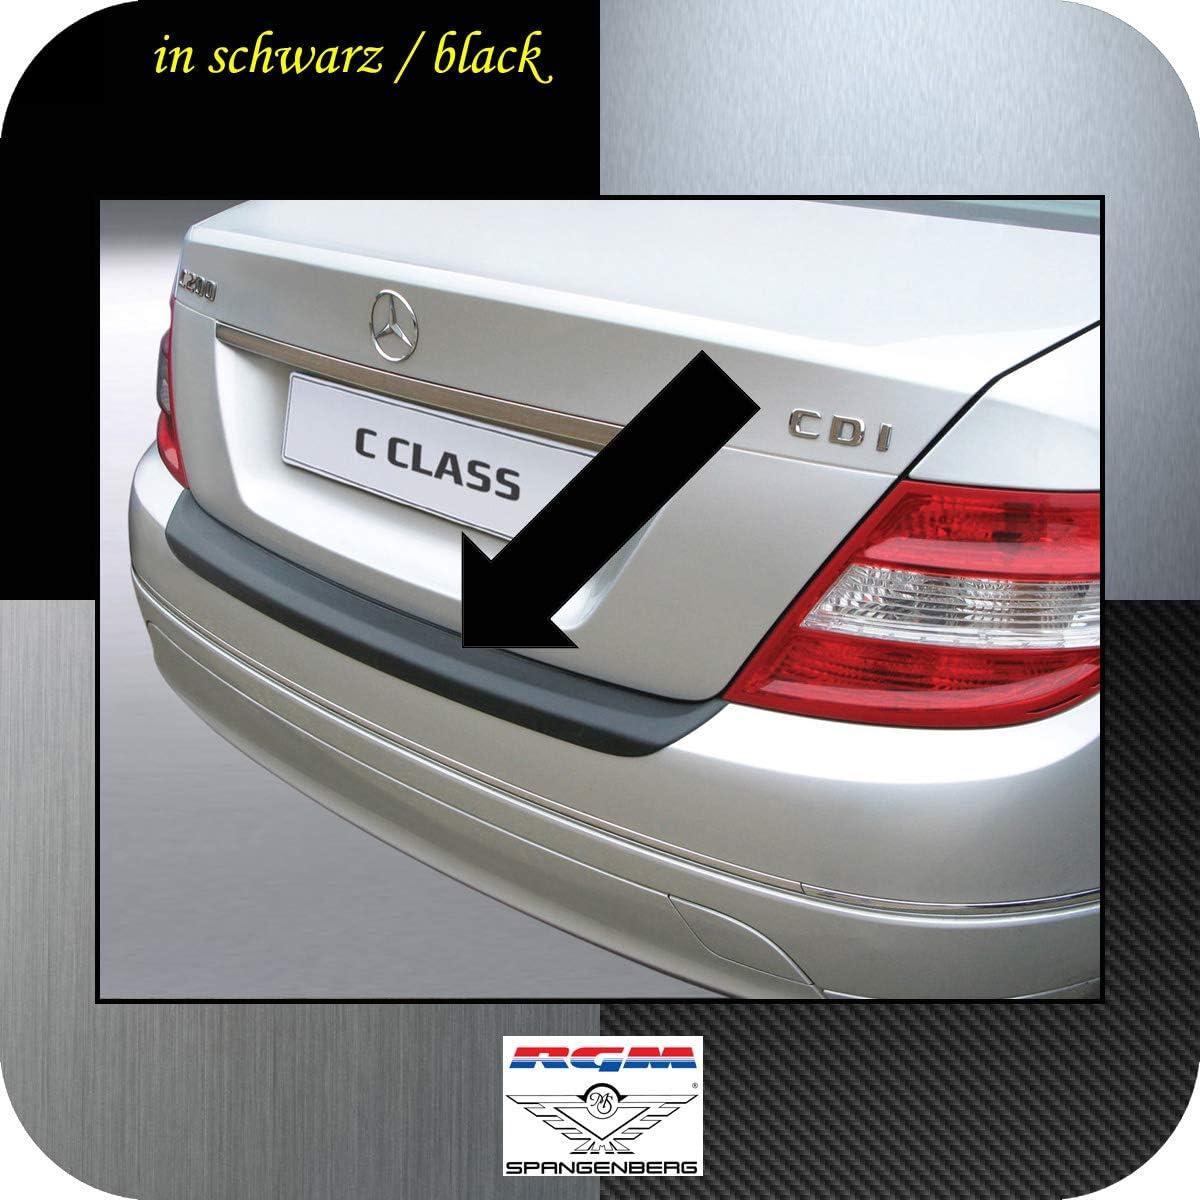 W 204 RGM Protection de seuil de Chargement pour Mercedes Benz Classe C W204 Berline ann/ées de Construction 01.2007-02.2011 RBP287 Noir Richard Grant Mouldings Ltd Berline